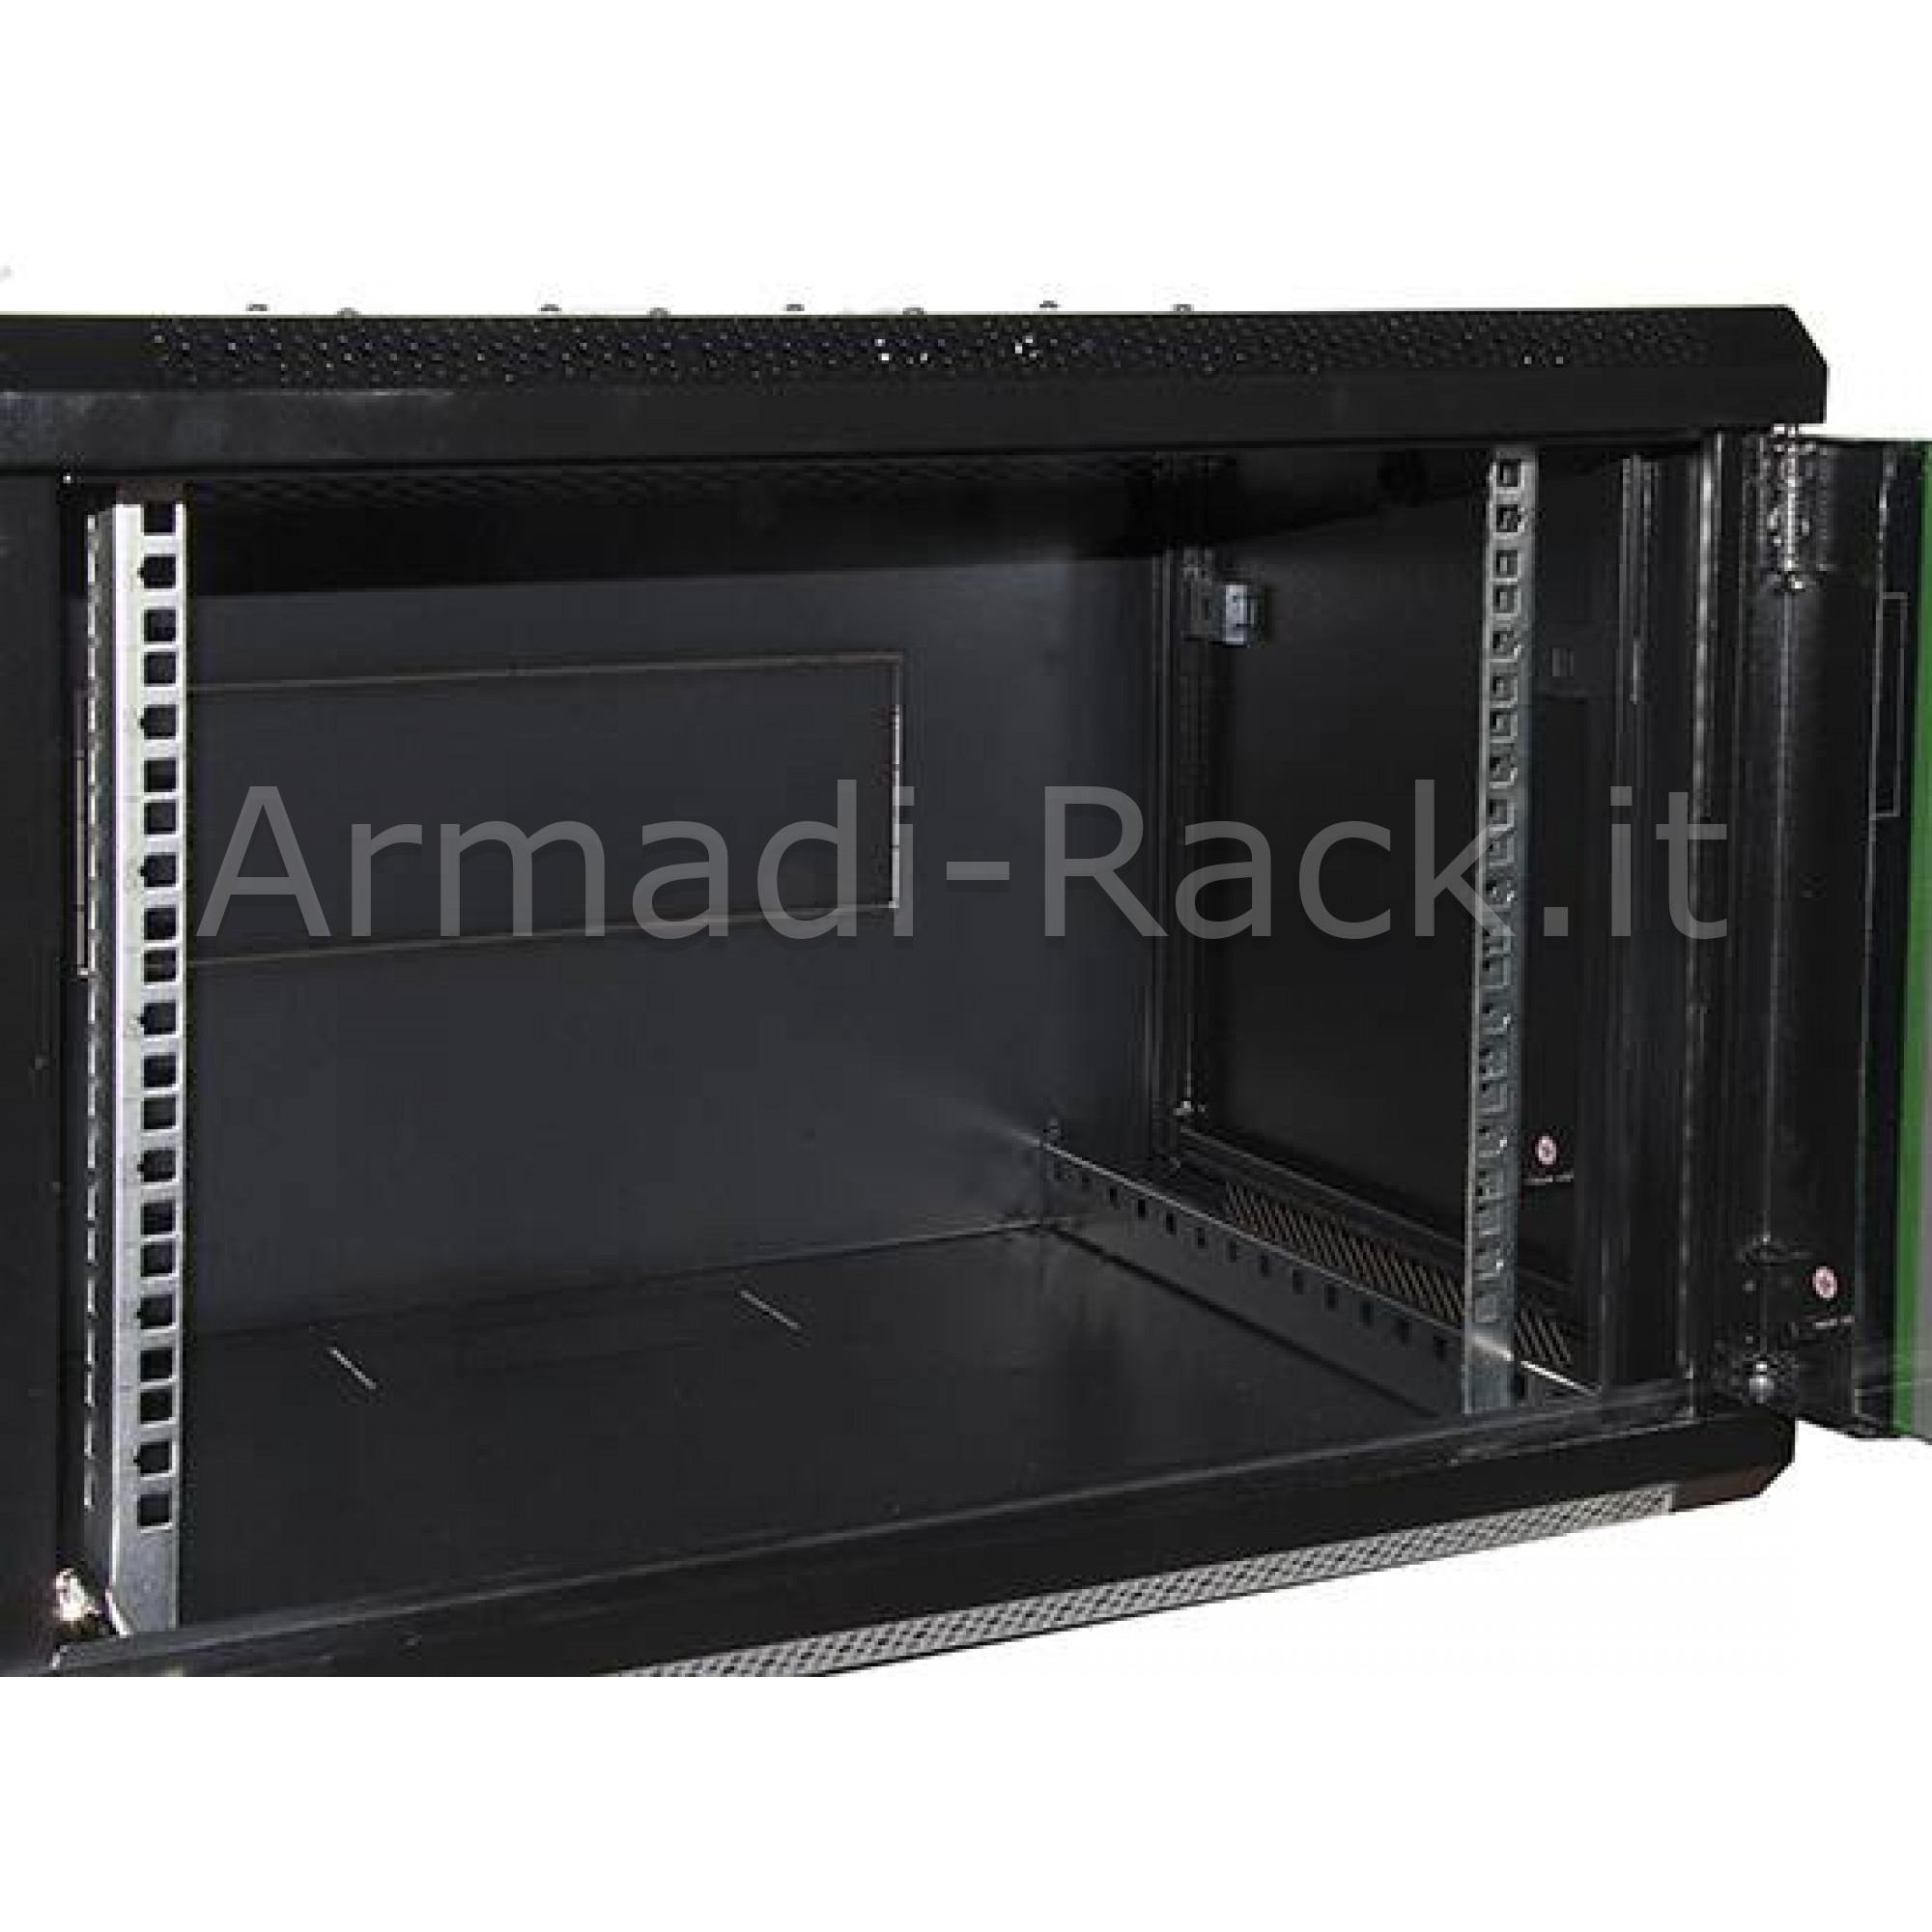 Armadio 7 unita' da muro linea soho (a)416 x (l)600 x (p)450 mm. colore nero RAL 9005